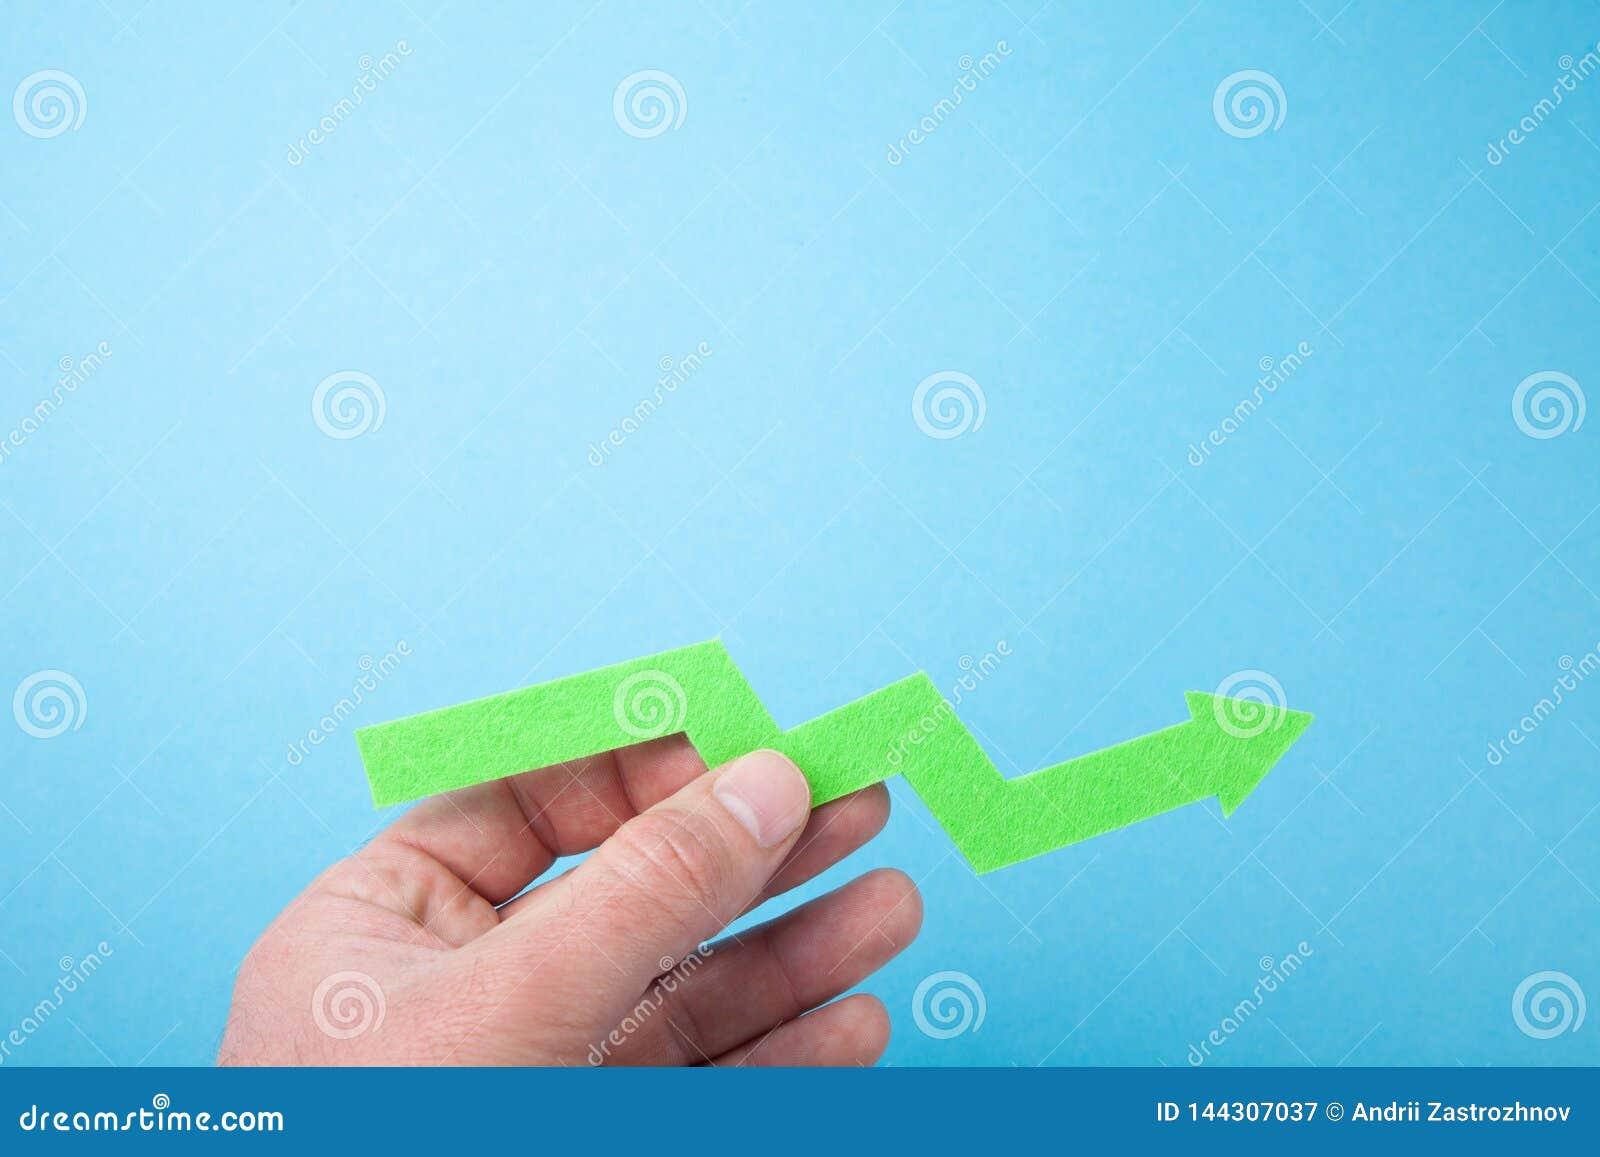 Μεγαλώνοντας το πράσινο βέλος στο χέρι, κενό διάστημα για το κείμενο